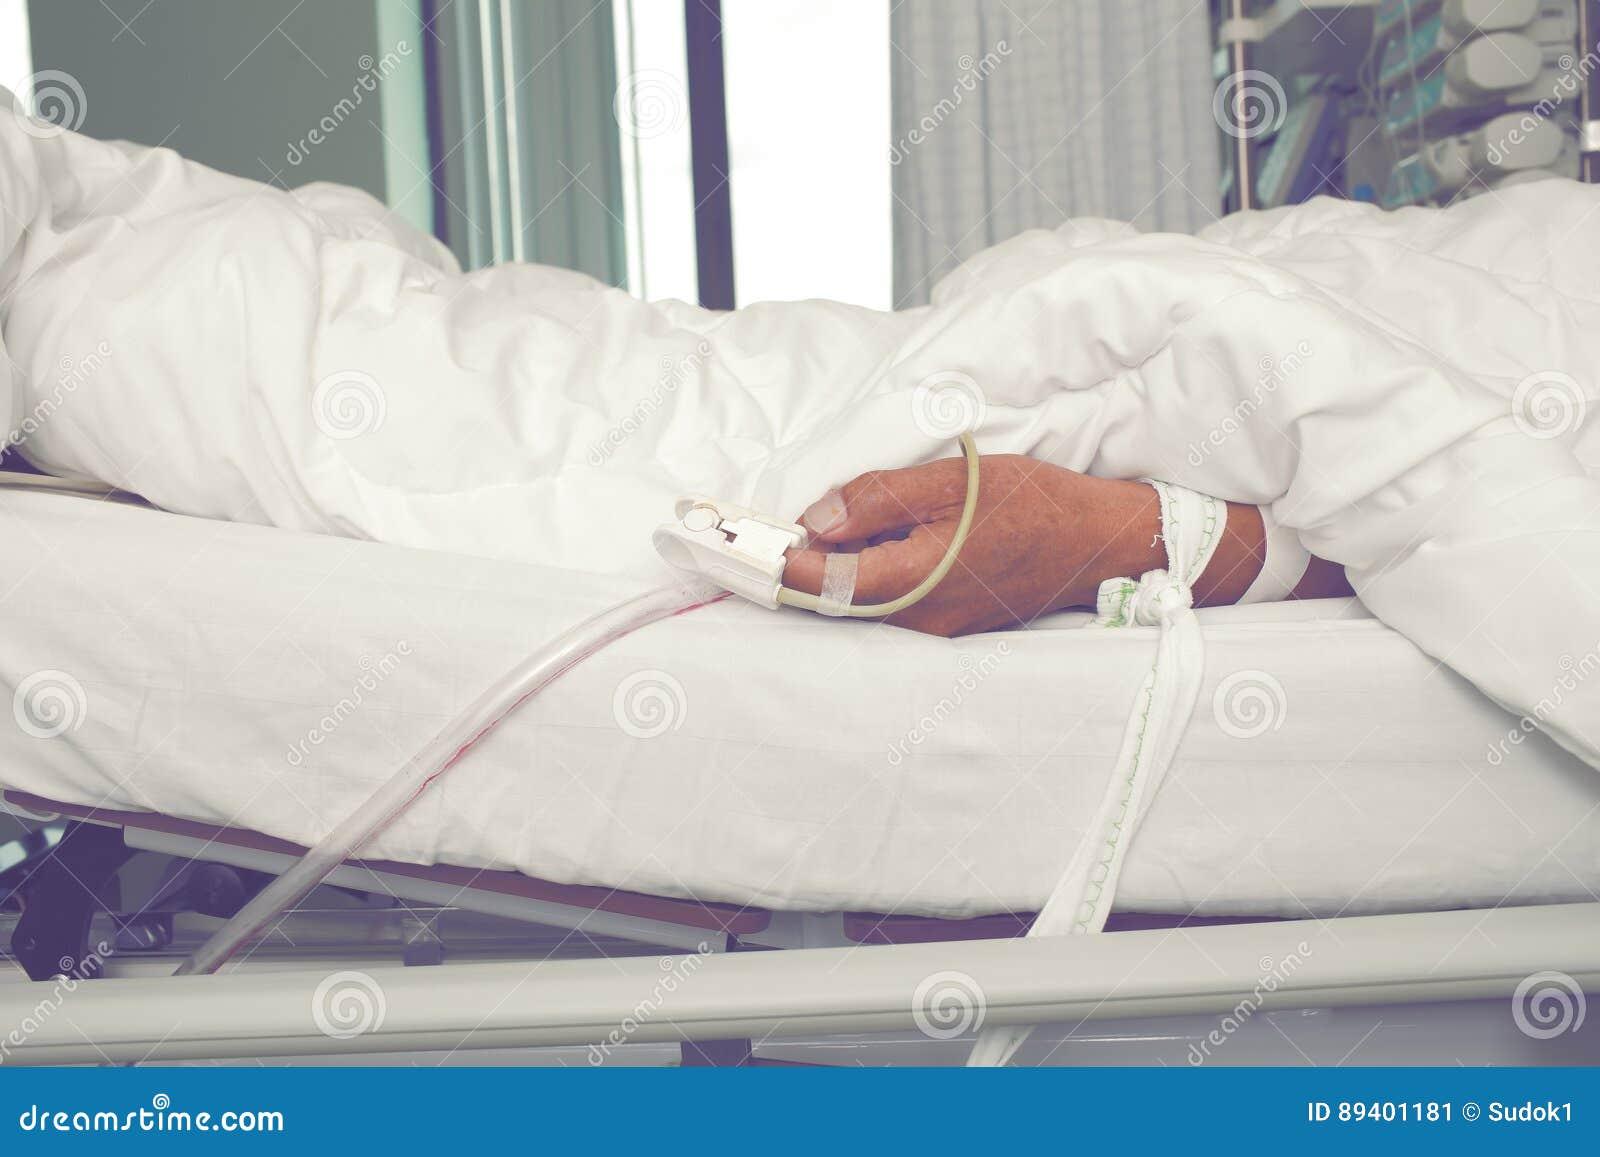 Paciente de sofrimento na unidade de cuidados intensivos